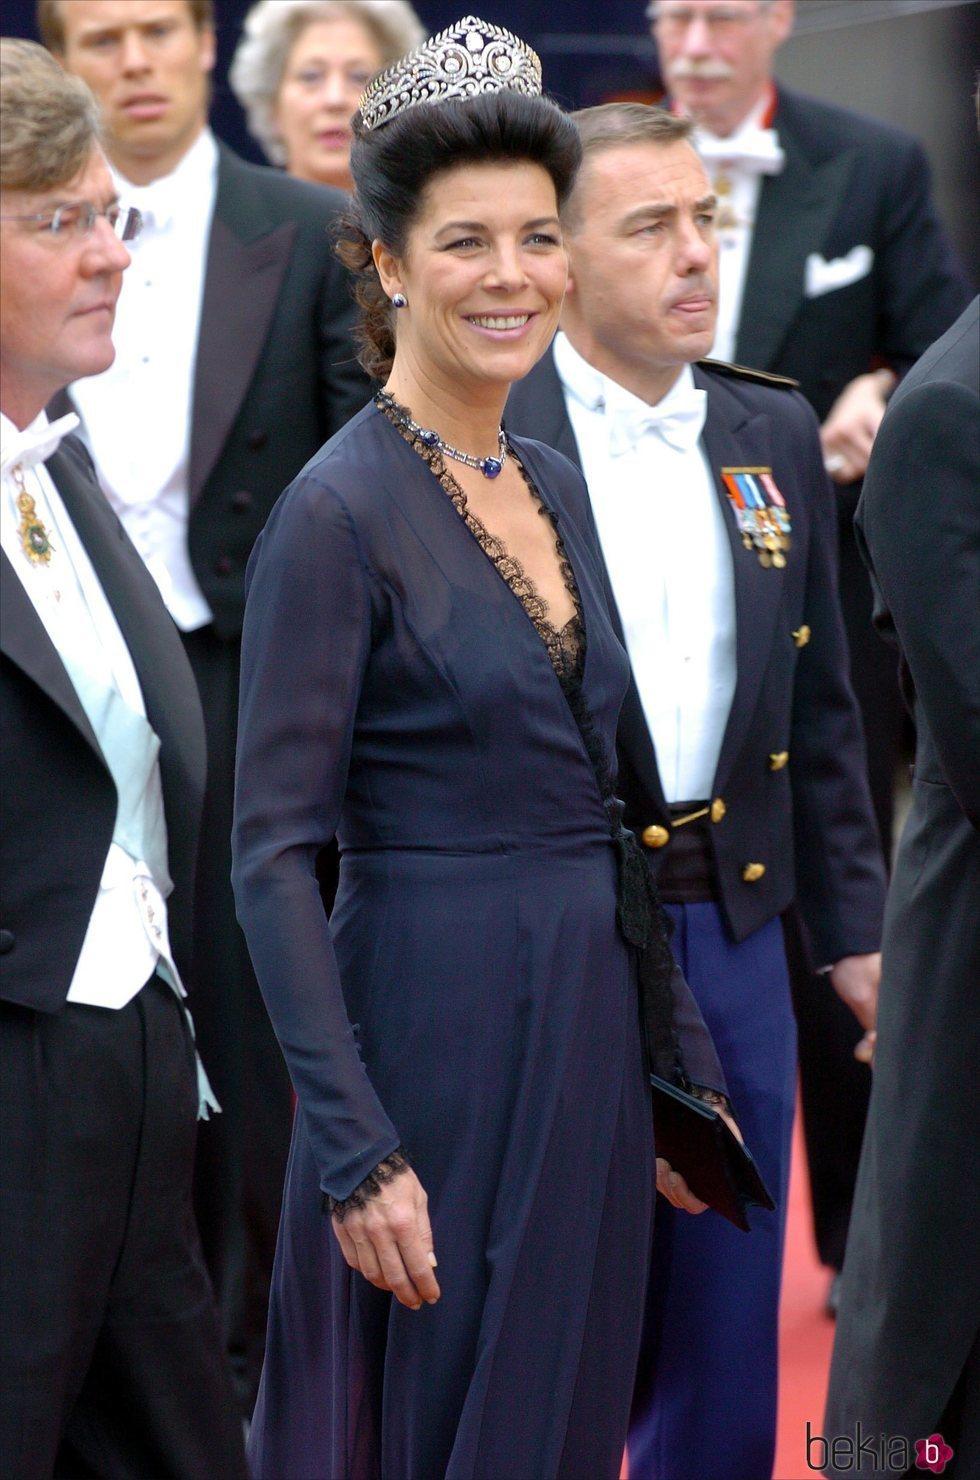 Carolina de Mónaco en la boda de Federico de Dinamarca y Mary Donaldson